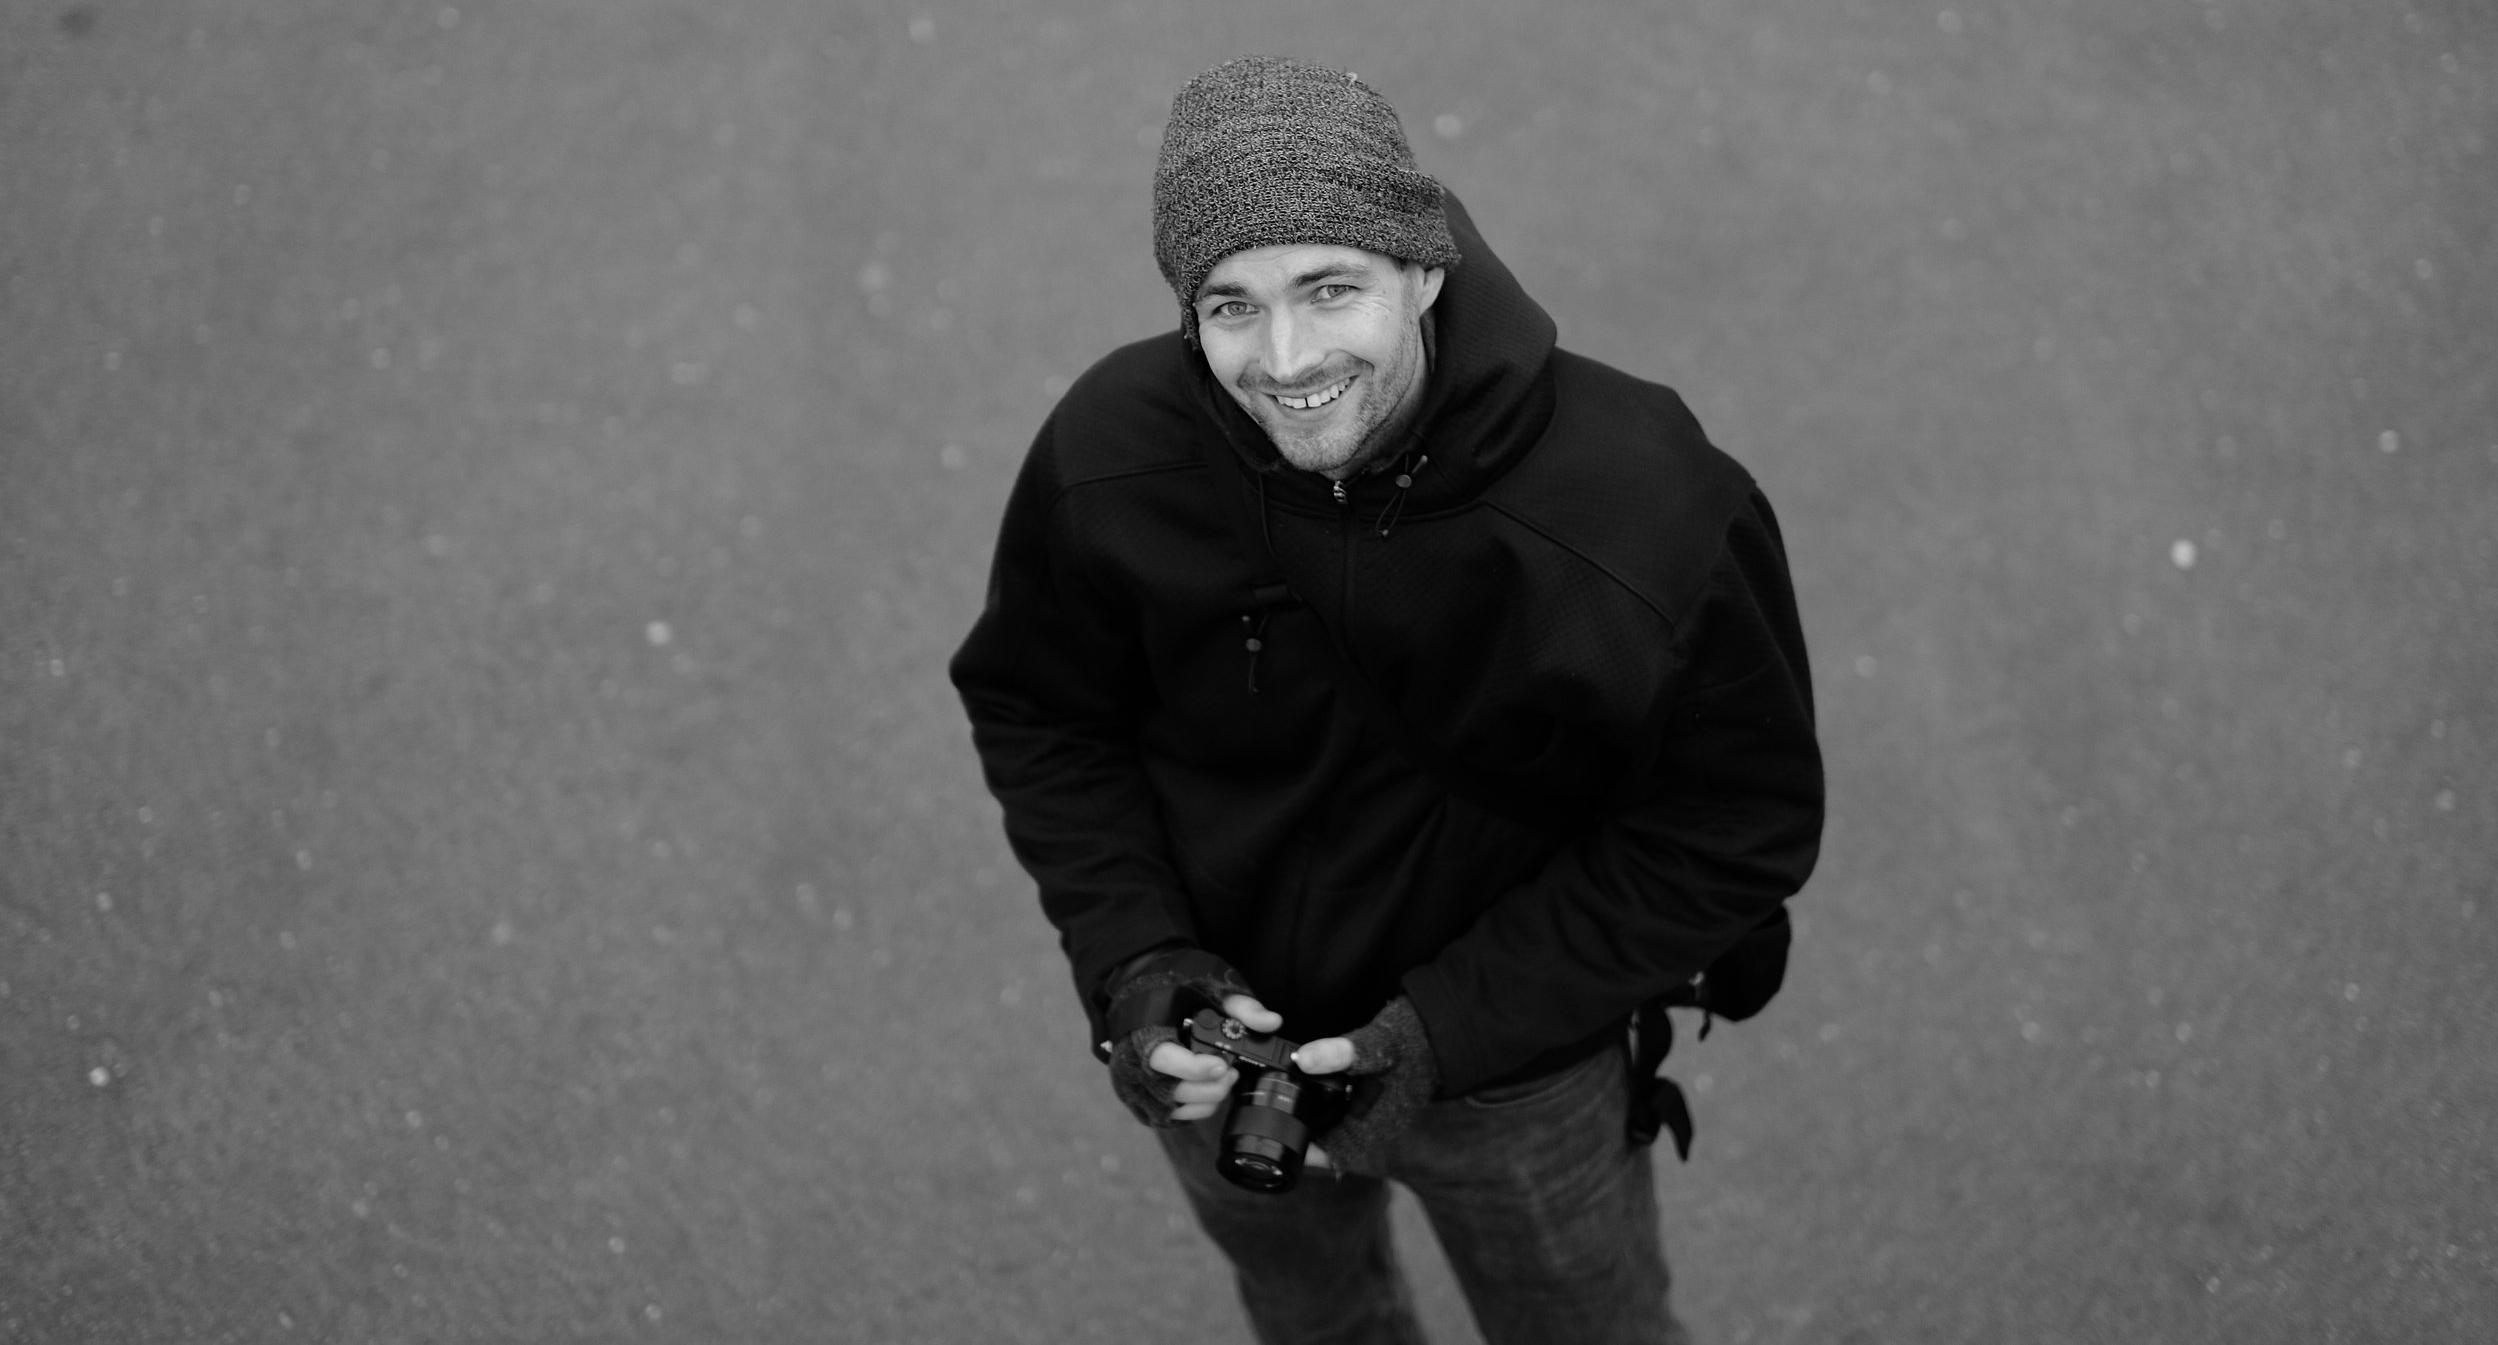 Kontakt: foto@jonasconklin.de - Jonas Conklin ist ein Freiburger Fotograf spezialisiert auf Hochzeiten, Reportagen und Portraits.